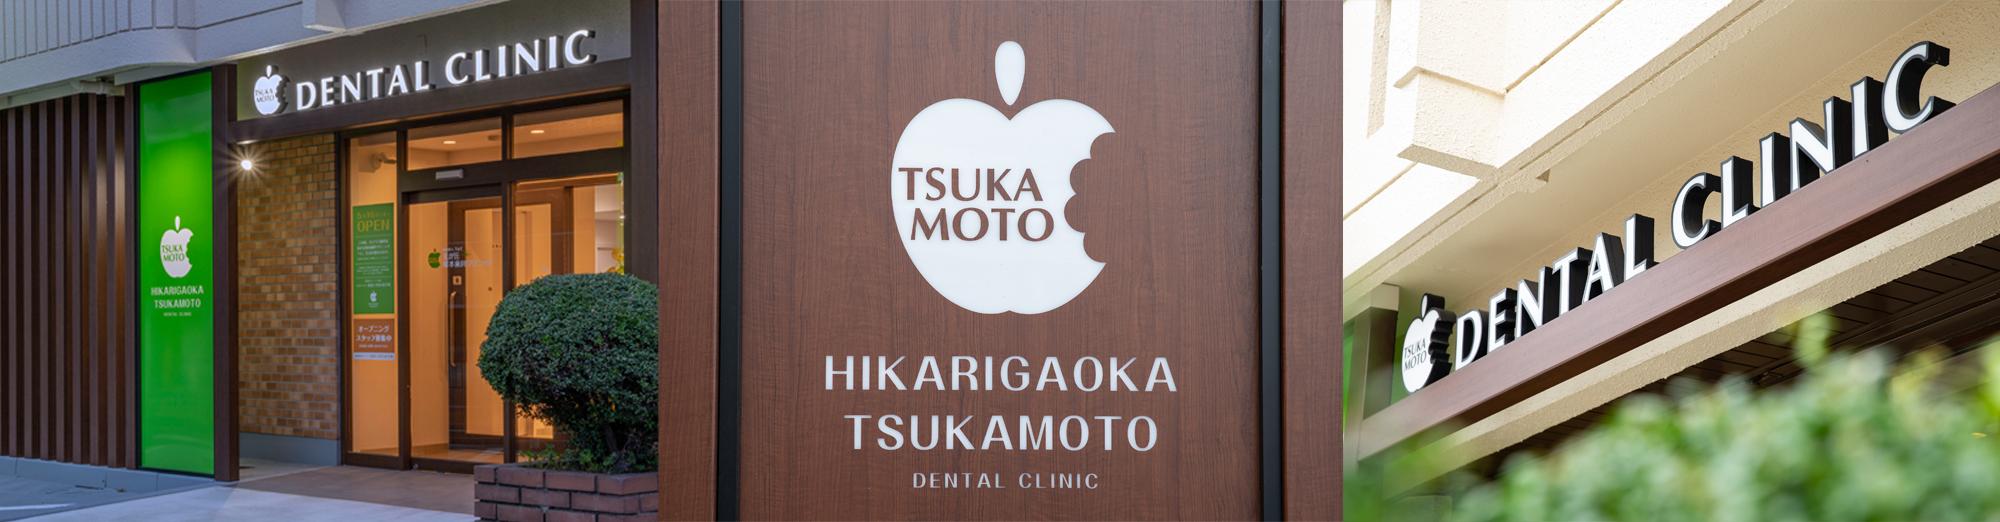 クリニック 塚本 歯科